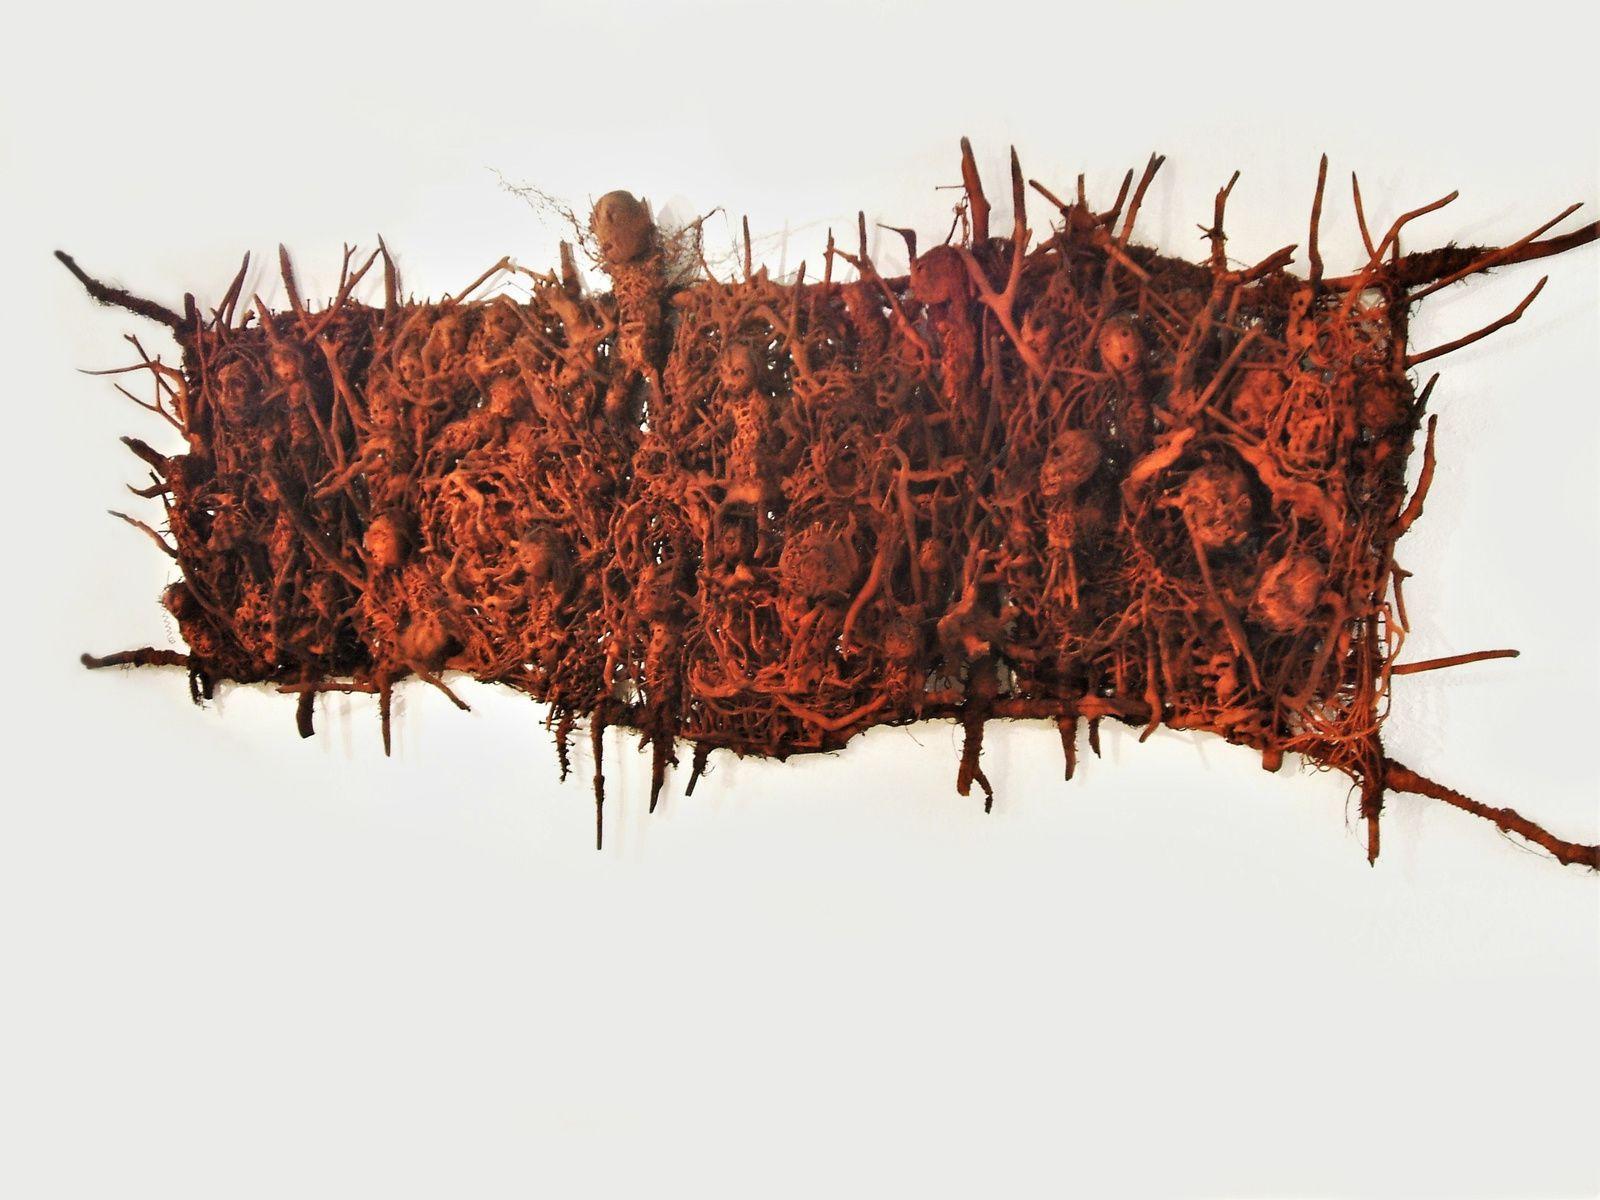 Les tourmentés - 400 x 150 cm - 2008